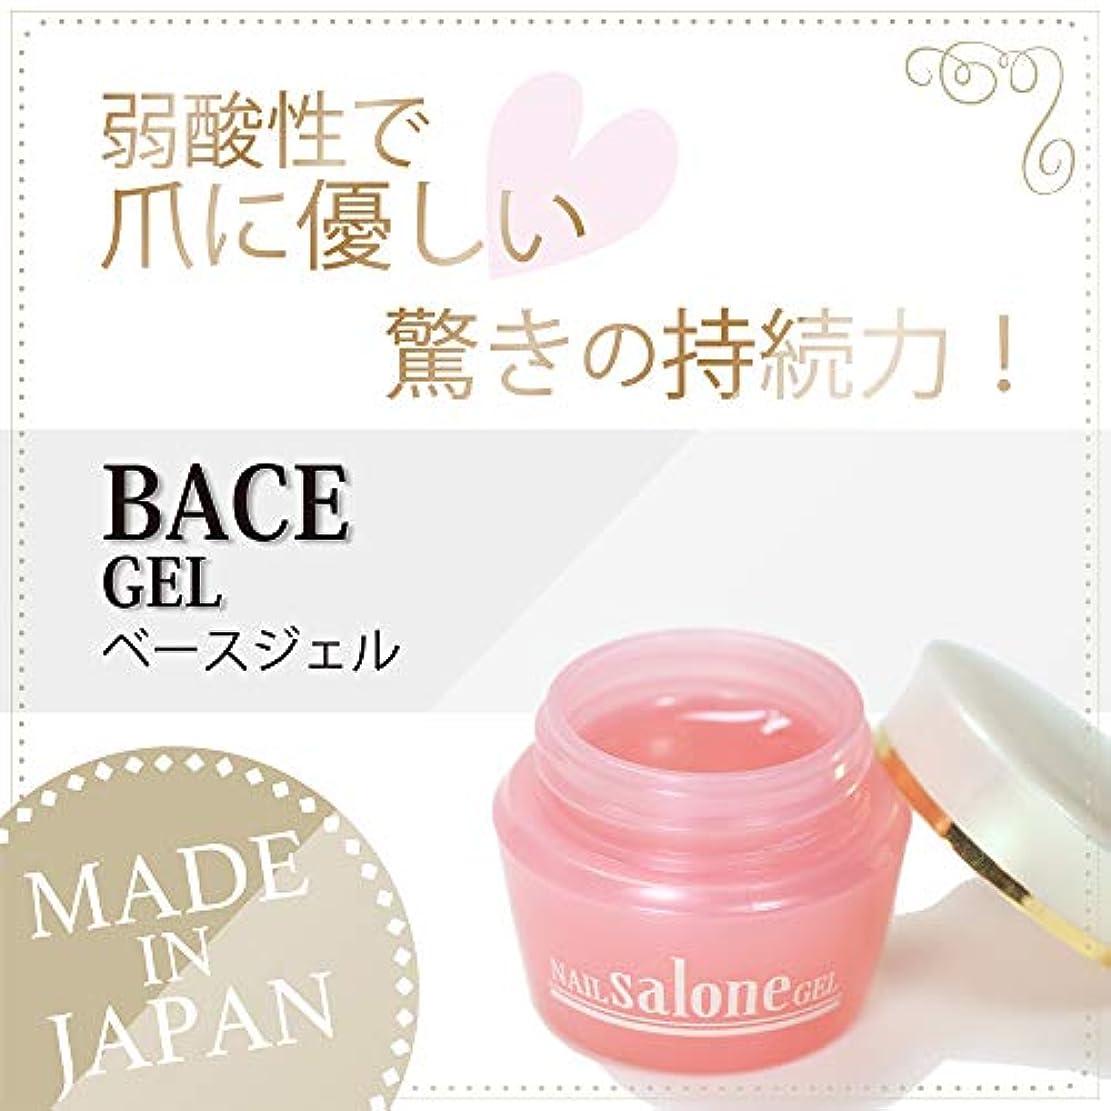 ノベルティあなたが良くなります投資Salone gel サローネ ベースジェル 爪に優しい 日本製 驚きの密着力 リムーバーでオフも簡単3g